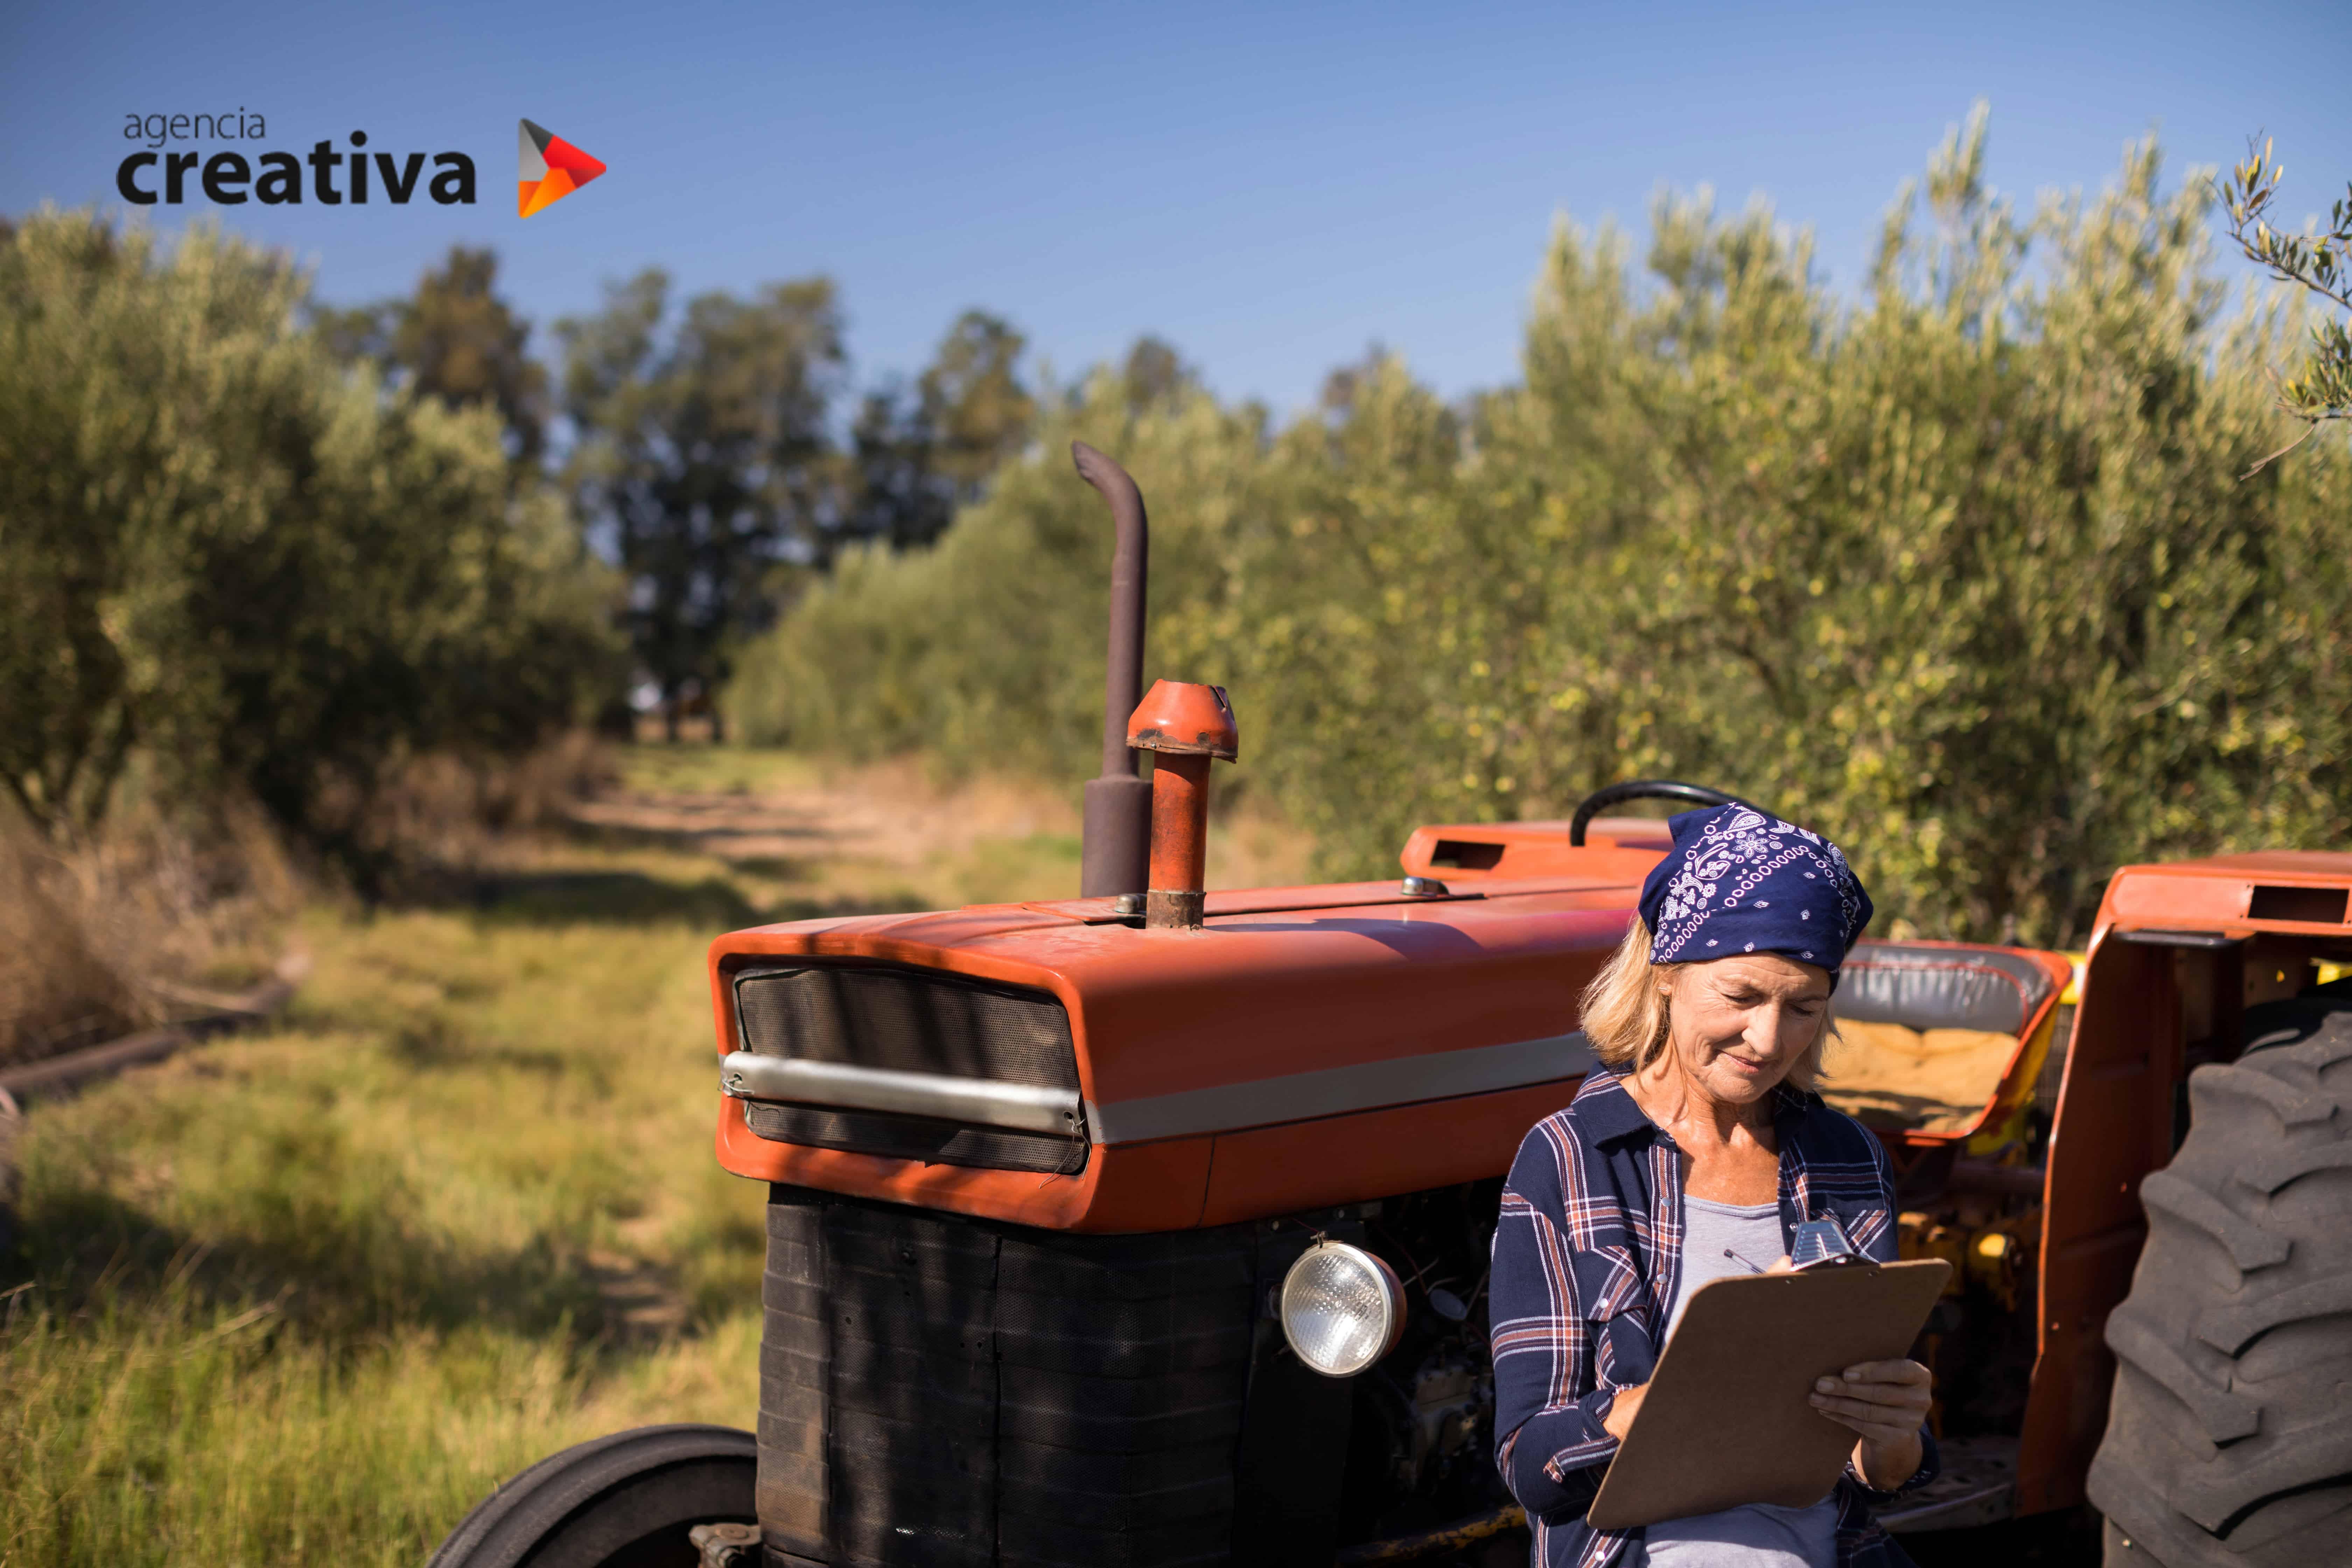 Cómo escribir para el sector agro